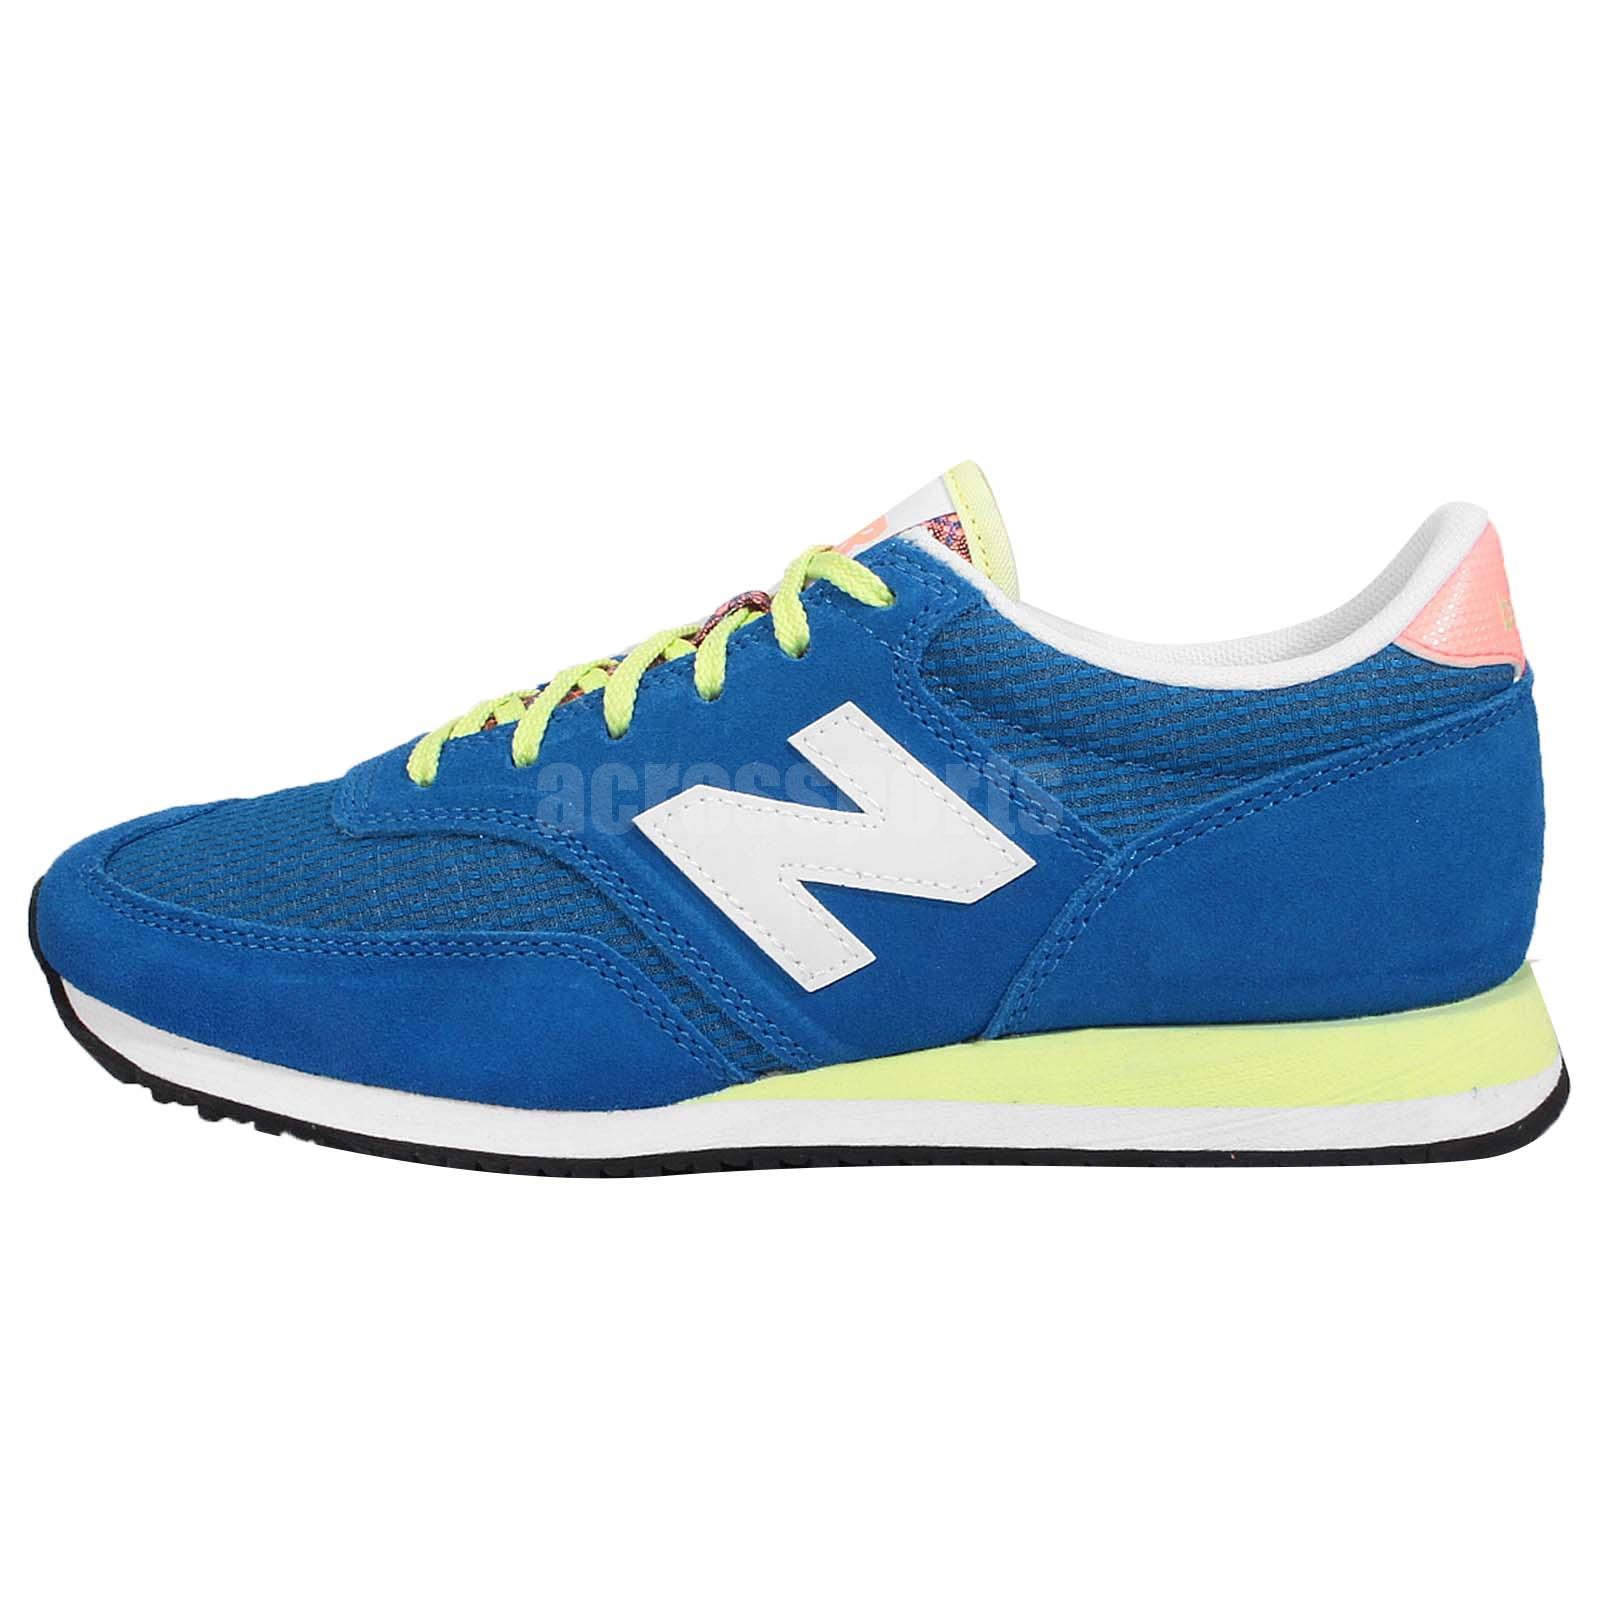 new balance cw620cbi b blue green pink womens running